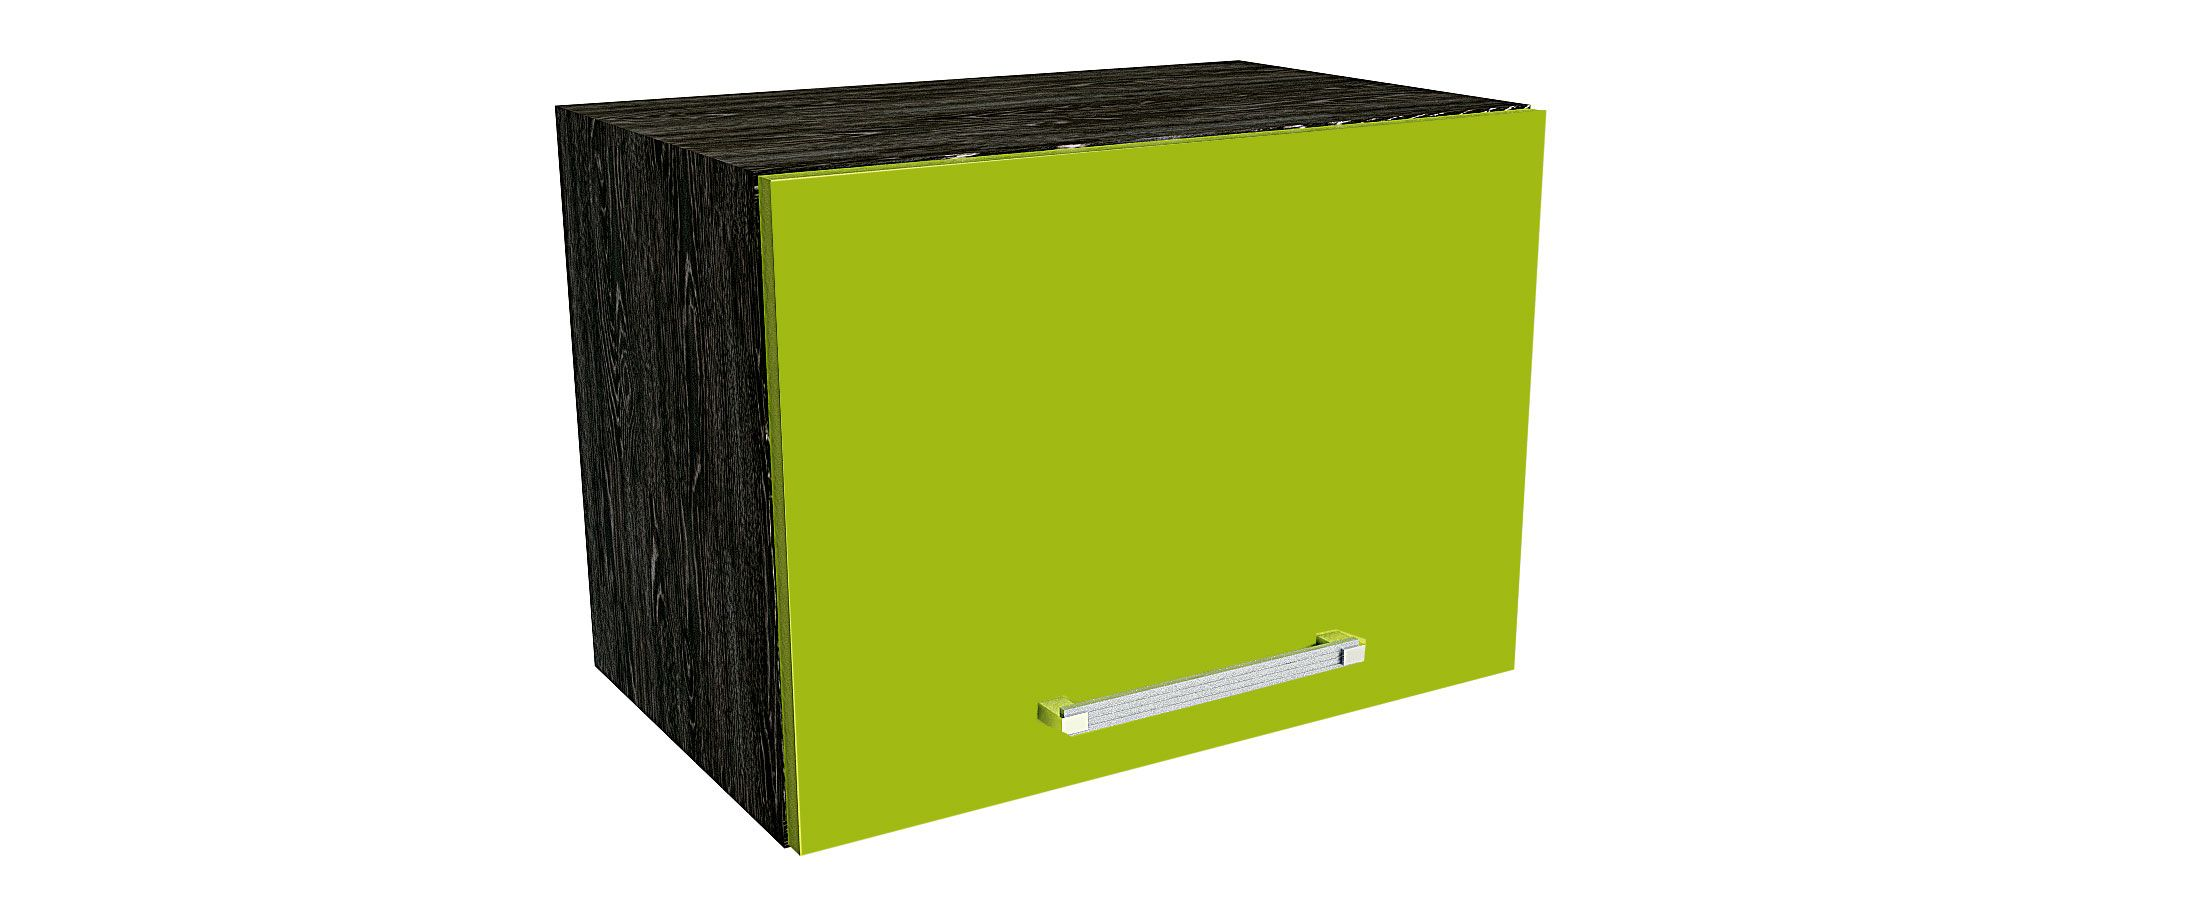 Шкаф навесной Марсела лайм Модель 709Шкаф навесной шириной 60 см Марсела лайм Модель 709. Артикул Д000332. Быстрая доставка, вынос упаковки, гарантия! Выгодная покупка!<br>